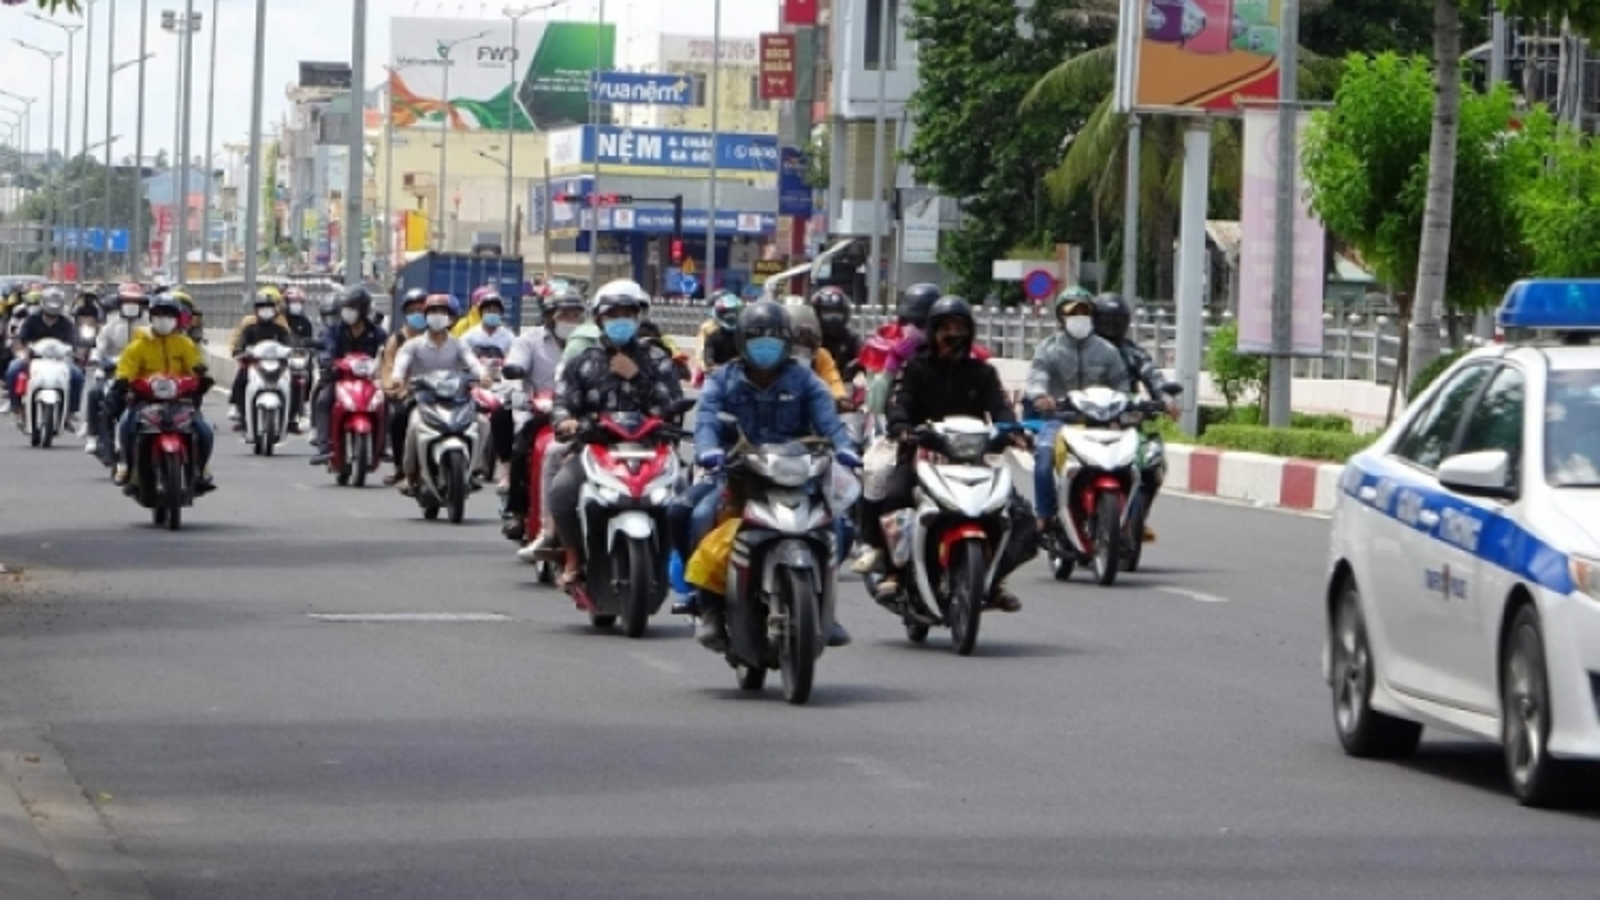 """Các ấp, khu phố ở Đồng Nai từng bước """"mở cửa"""" theo lộ trình từ 1/10"""